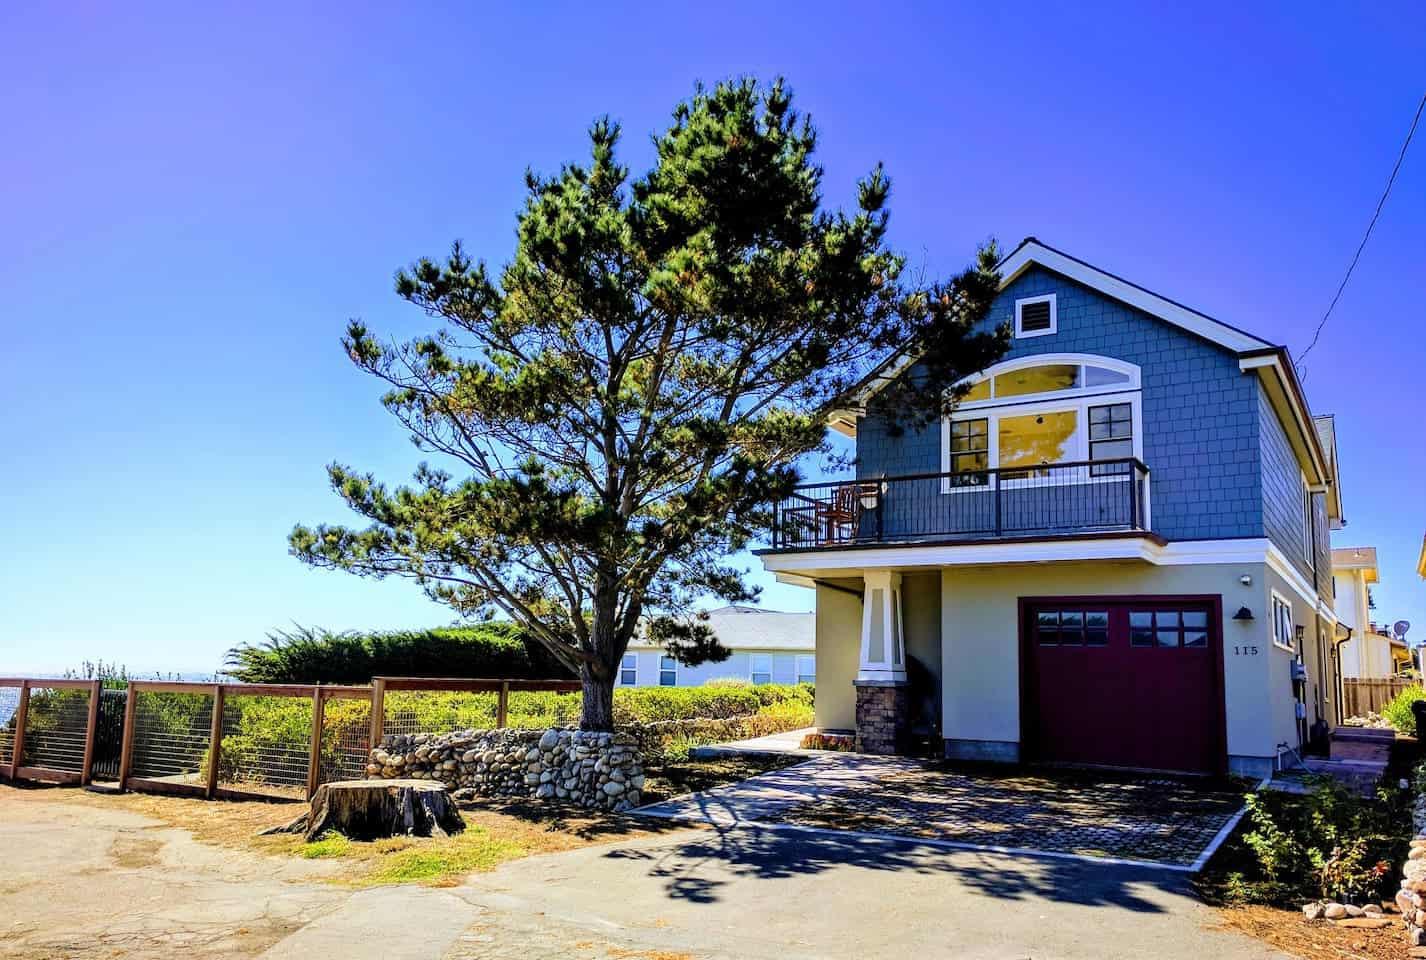 Image of Airbnb rental in Santa Cruz California